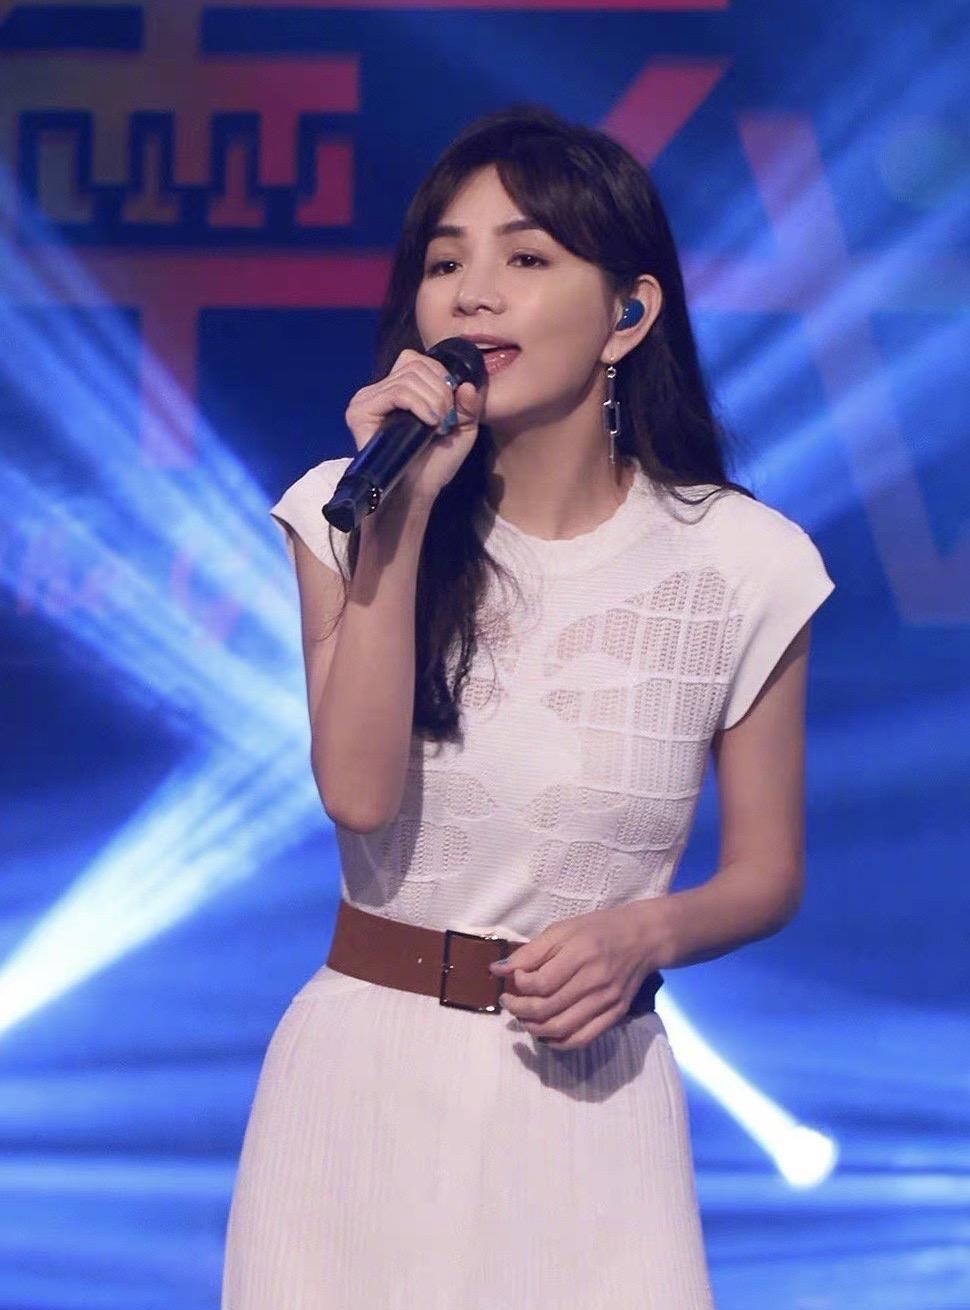 ELLA上某唱歌节目造型,一袭无袖镂空长裙气质出众,腰带显腰身